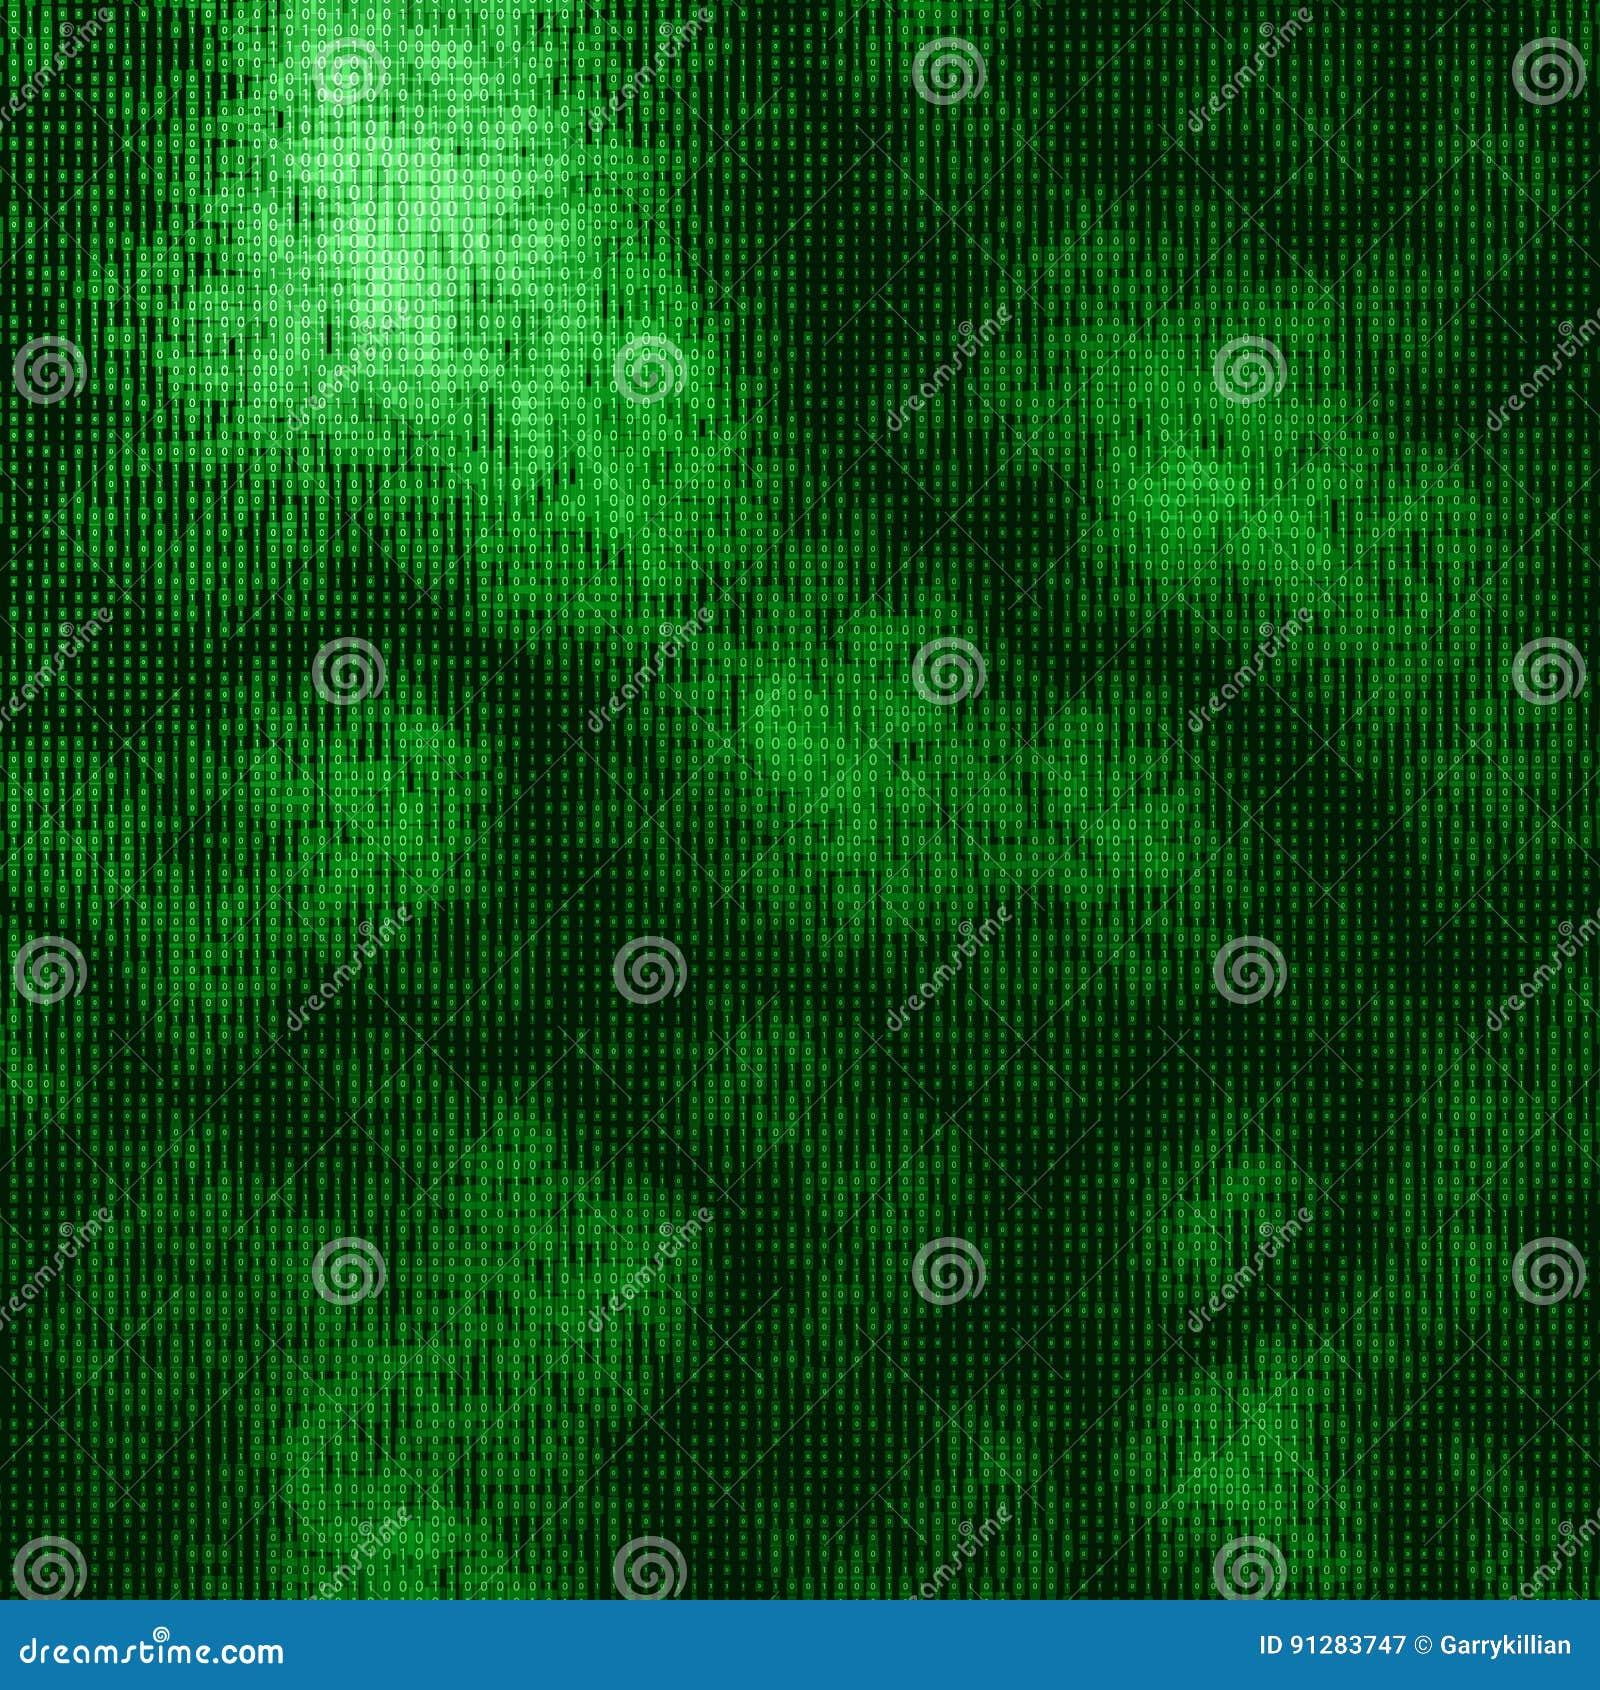 Abstrakt stor datavisualization för vektor Grönt dataflöde som binära nummerrader Framställning för datorkod